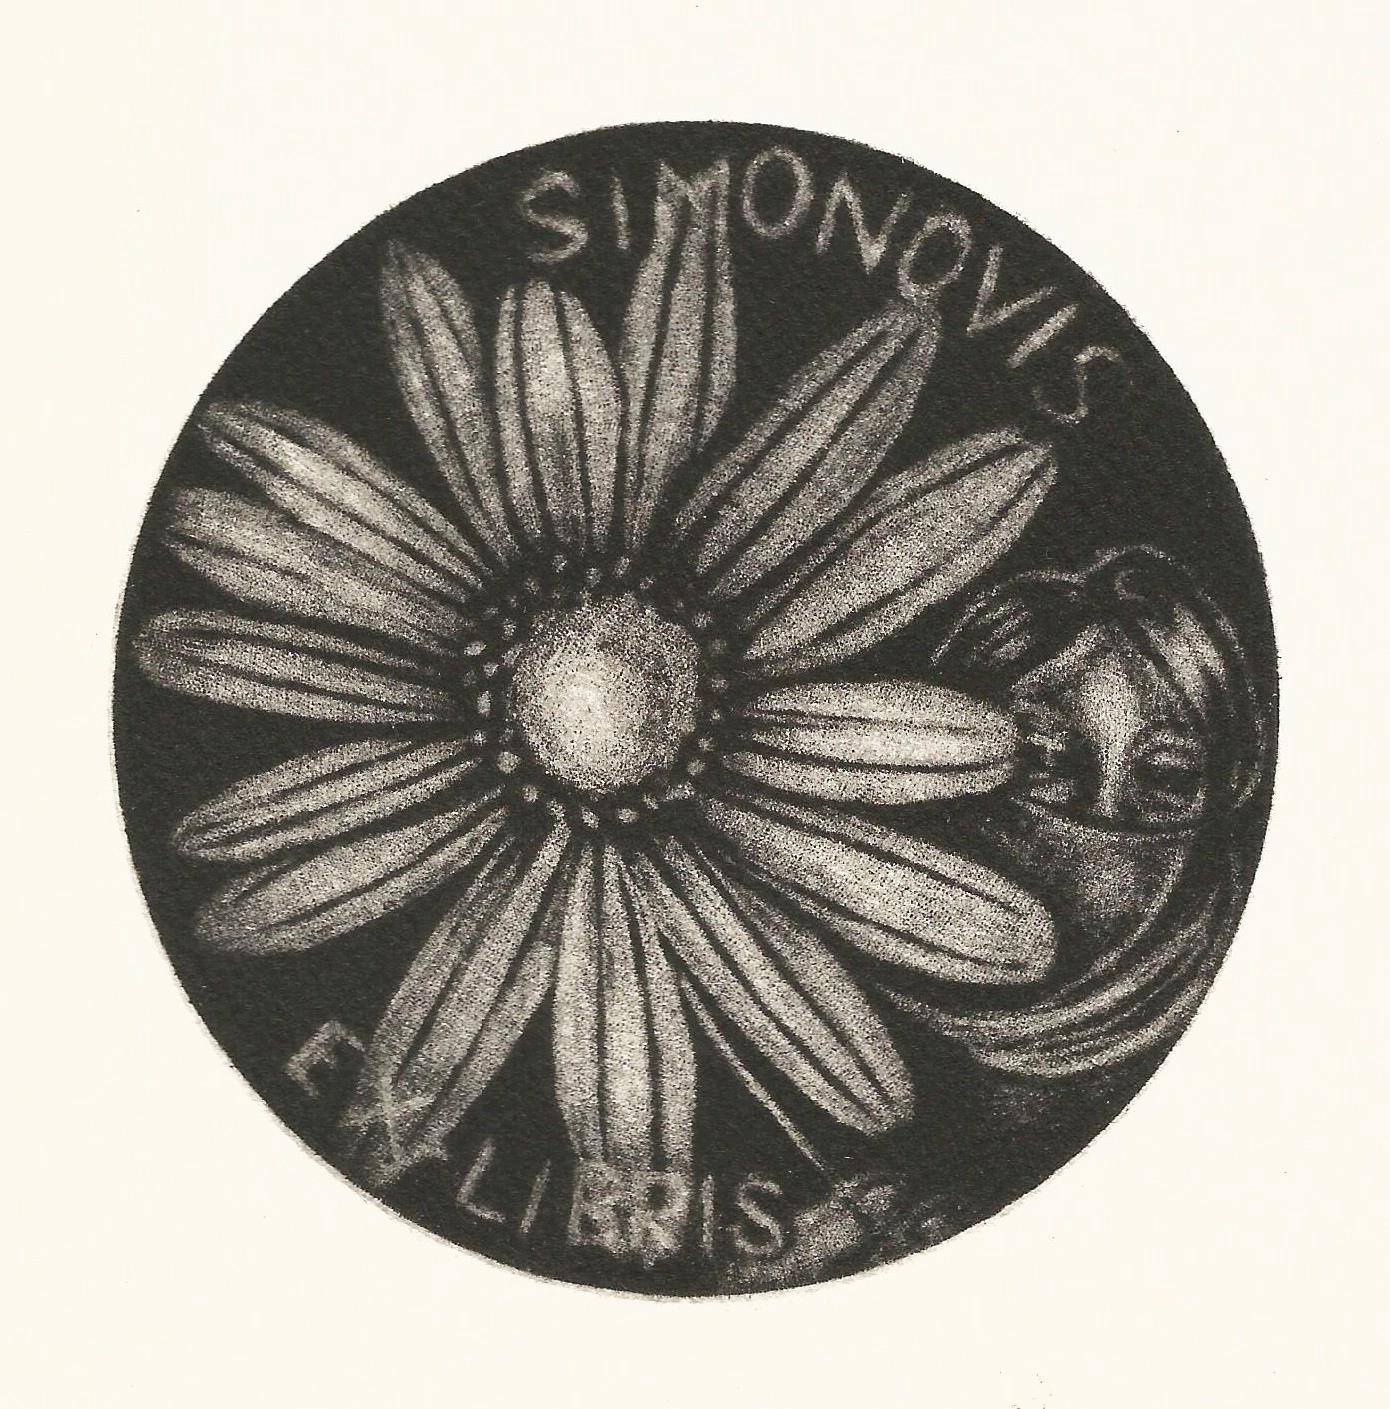 Ex Libris Simonovis